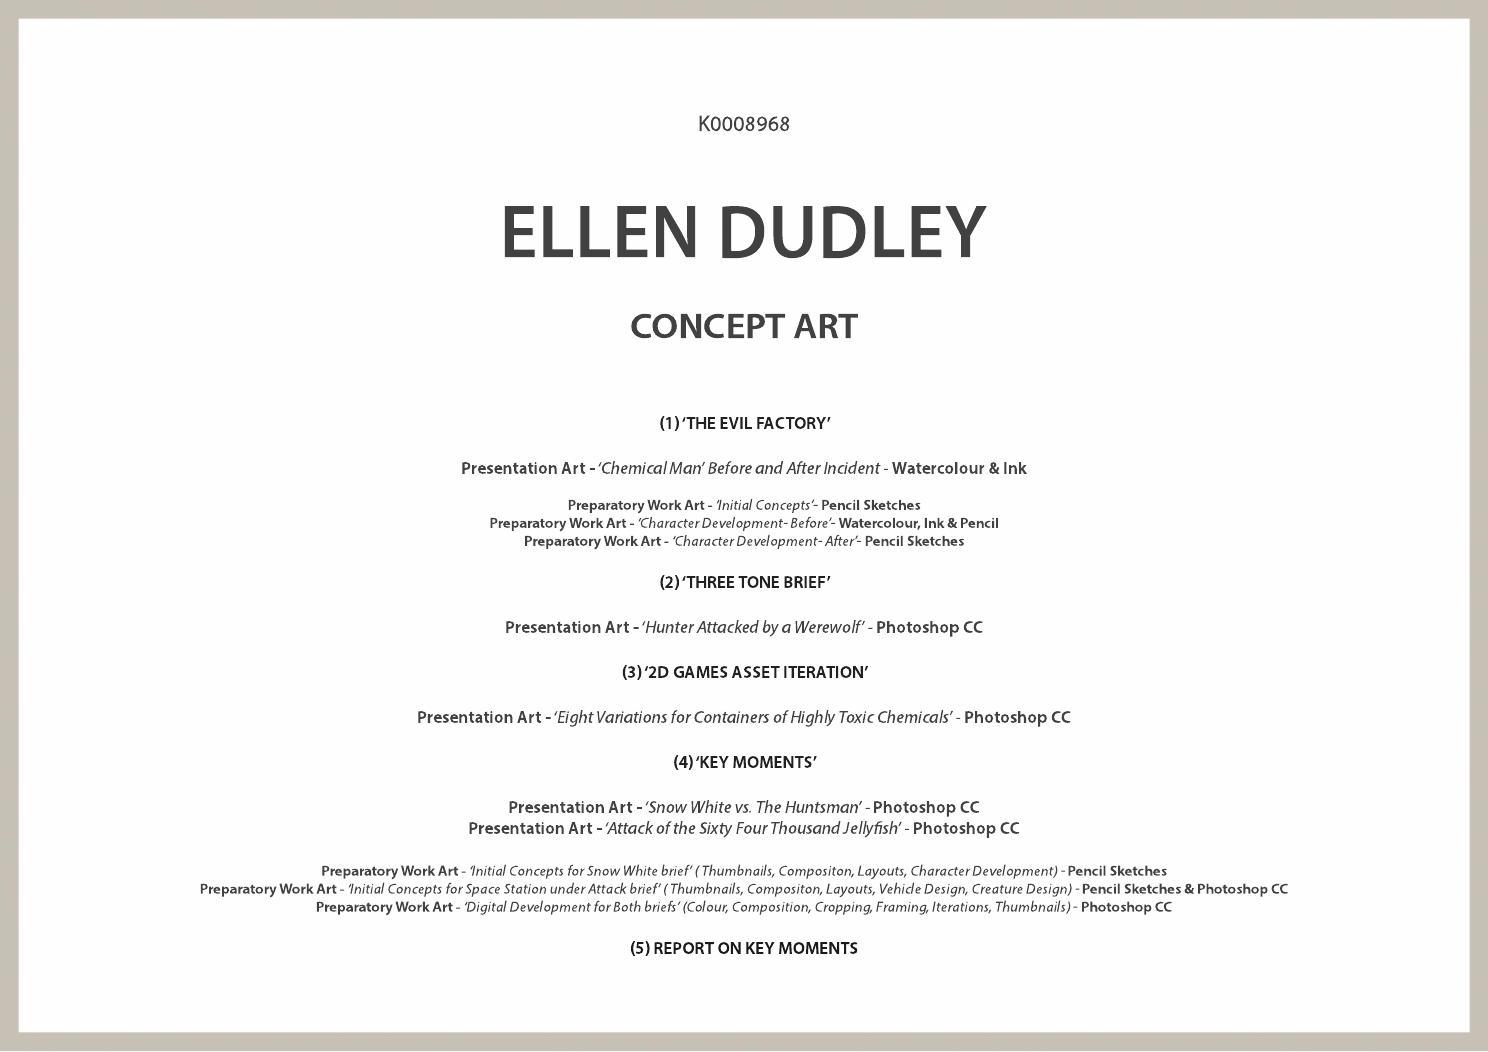 Dudley Concept Art